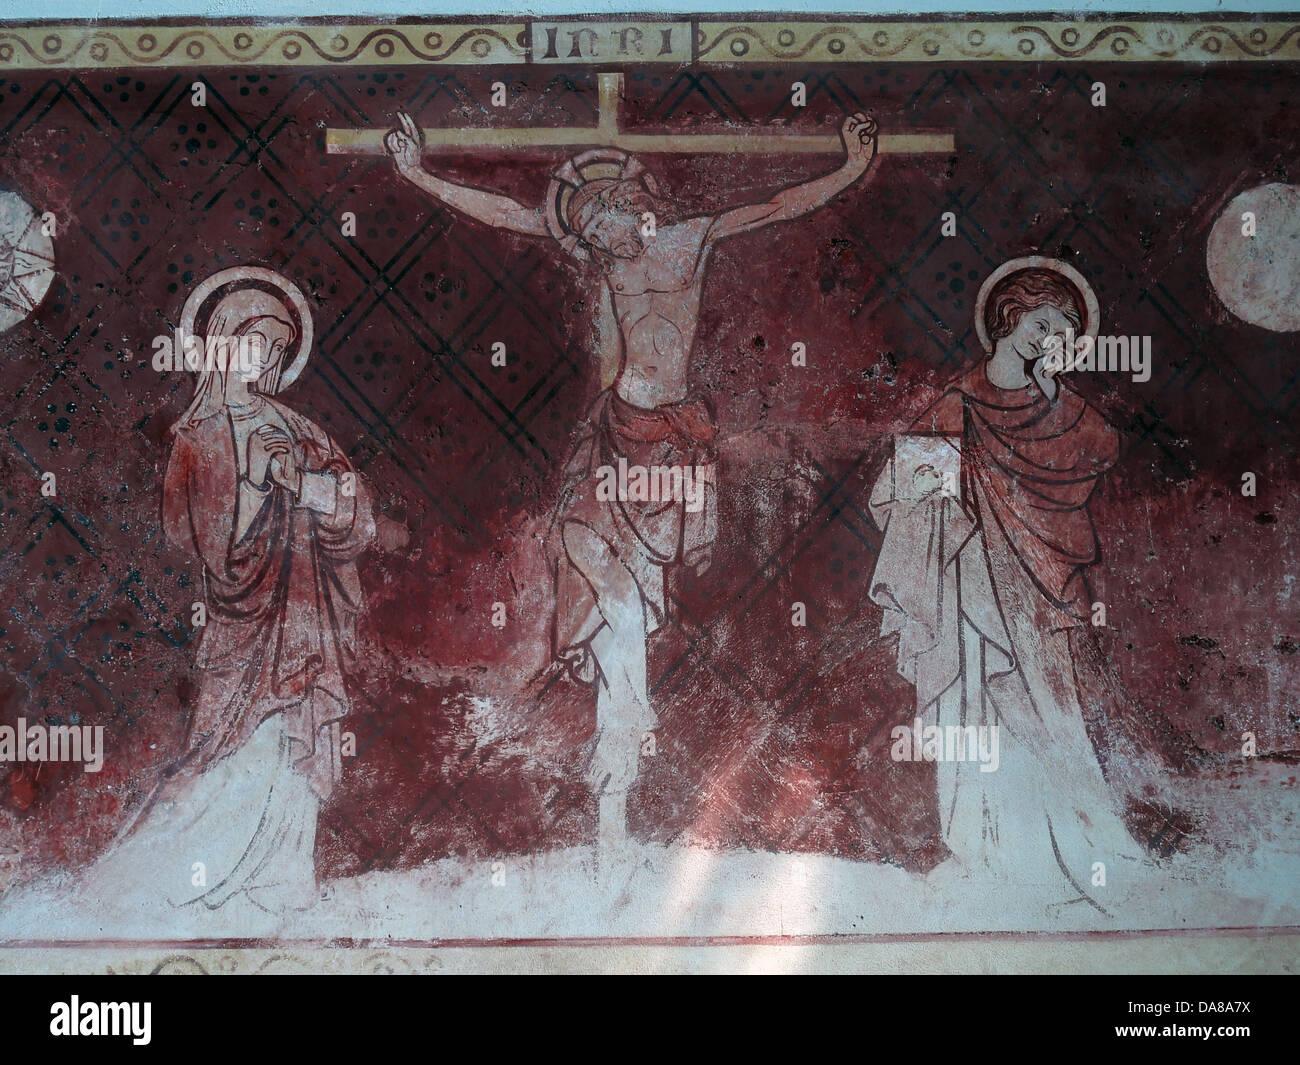 Laden Sie dieses Alamy Stockfoto Wandkunst in Völker Kapelle von St. Peter & St Paul, Pfarrkirche, Dorchester auf Themse, England, UK - DA8A7X